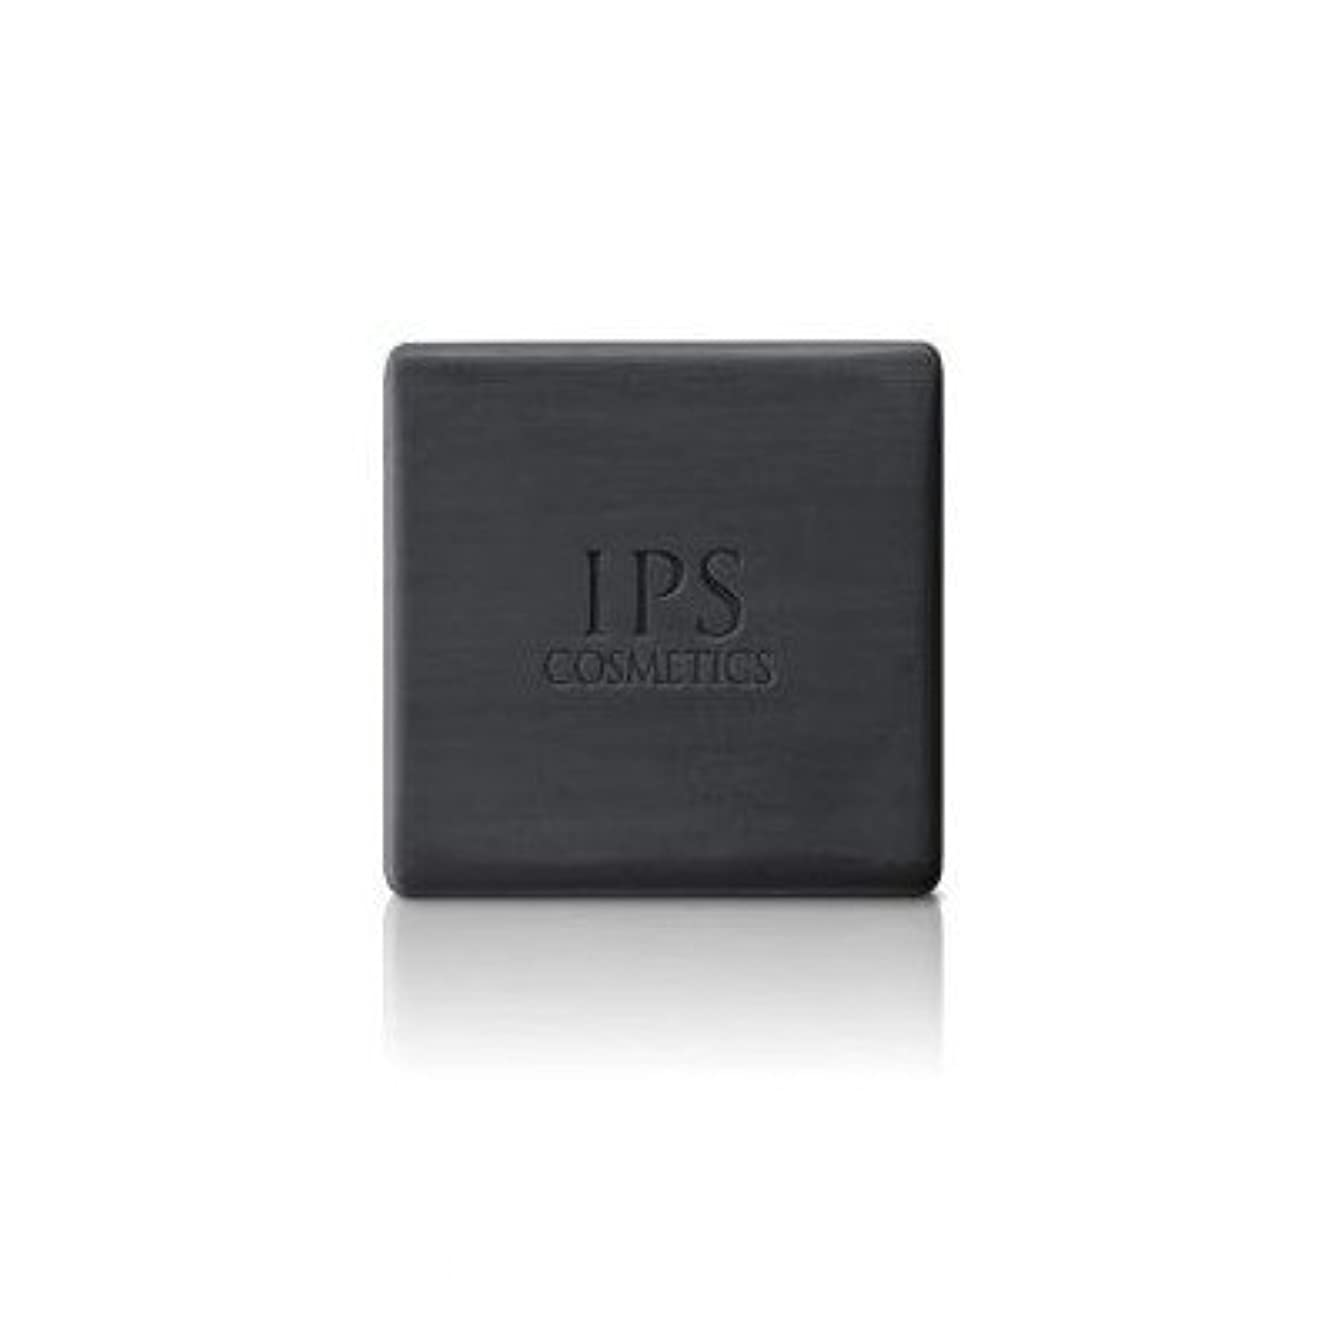 レンジ納税者最終お得な3個セット IPS コンディショニングバー 洗顔石鹸 120g